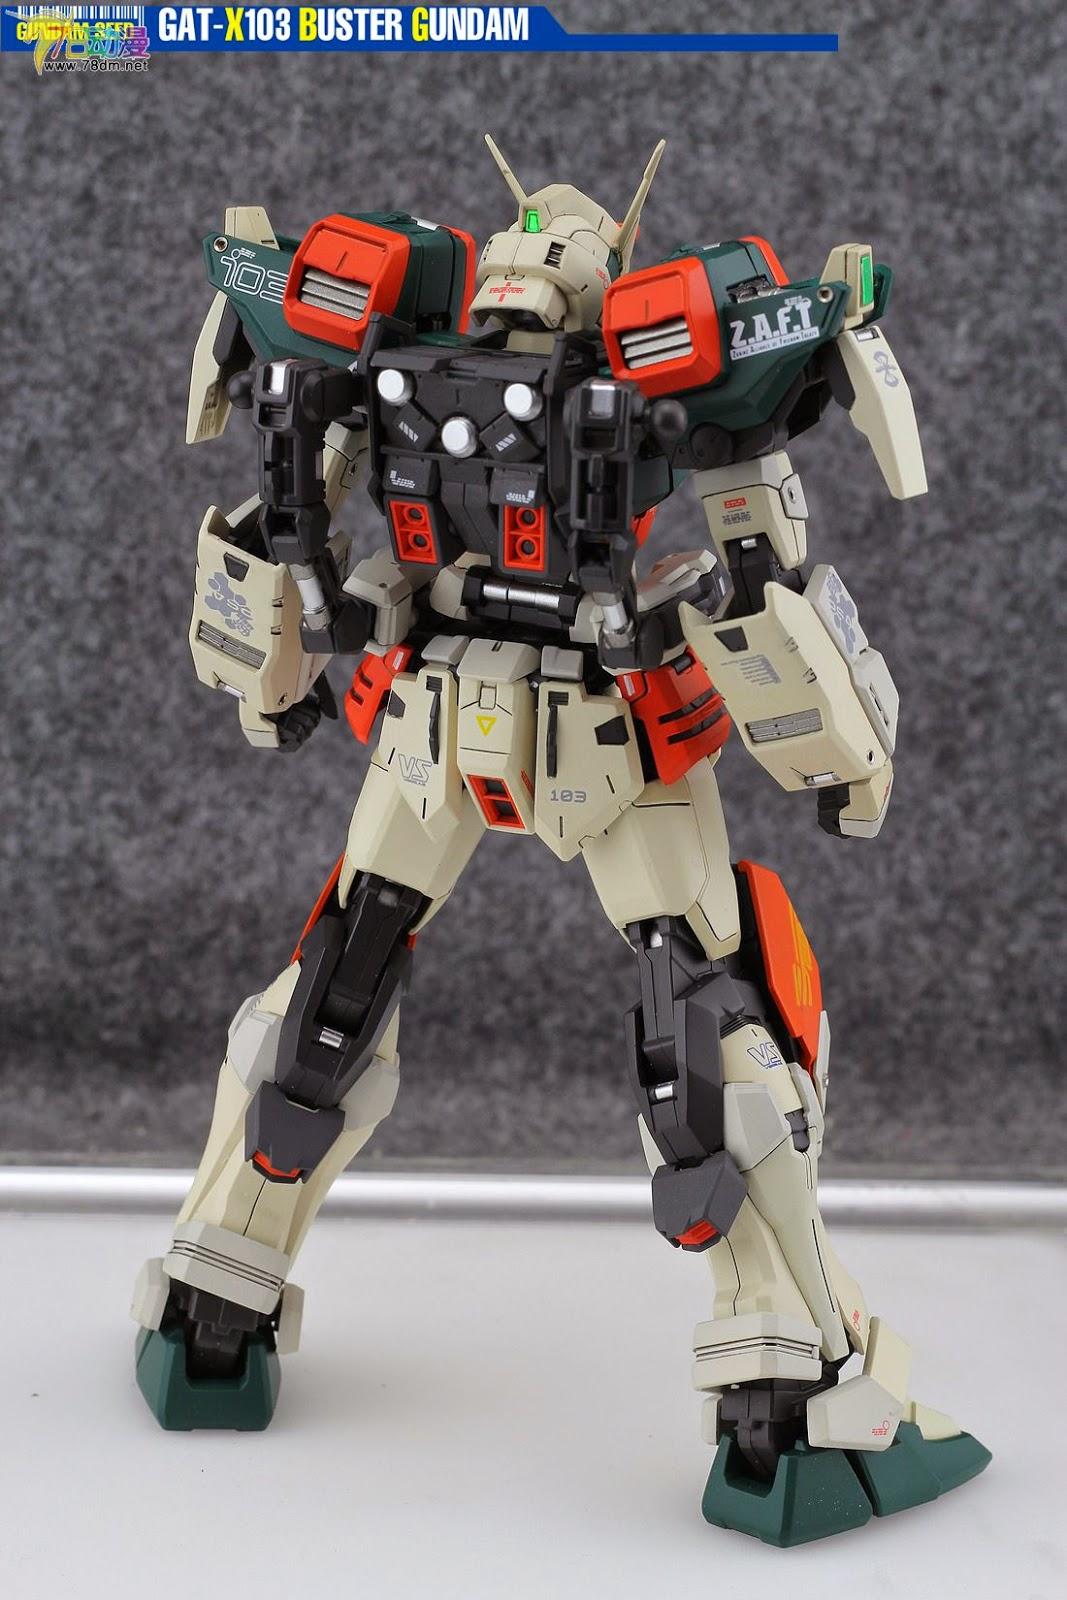 Gundam Family Mg Gat X103 Buster Gundam Custom Build